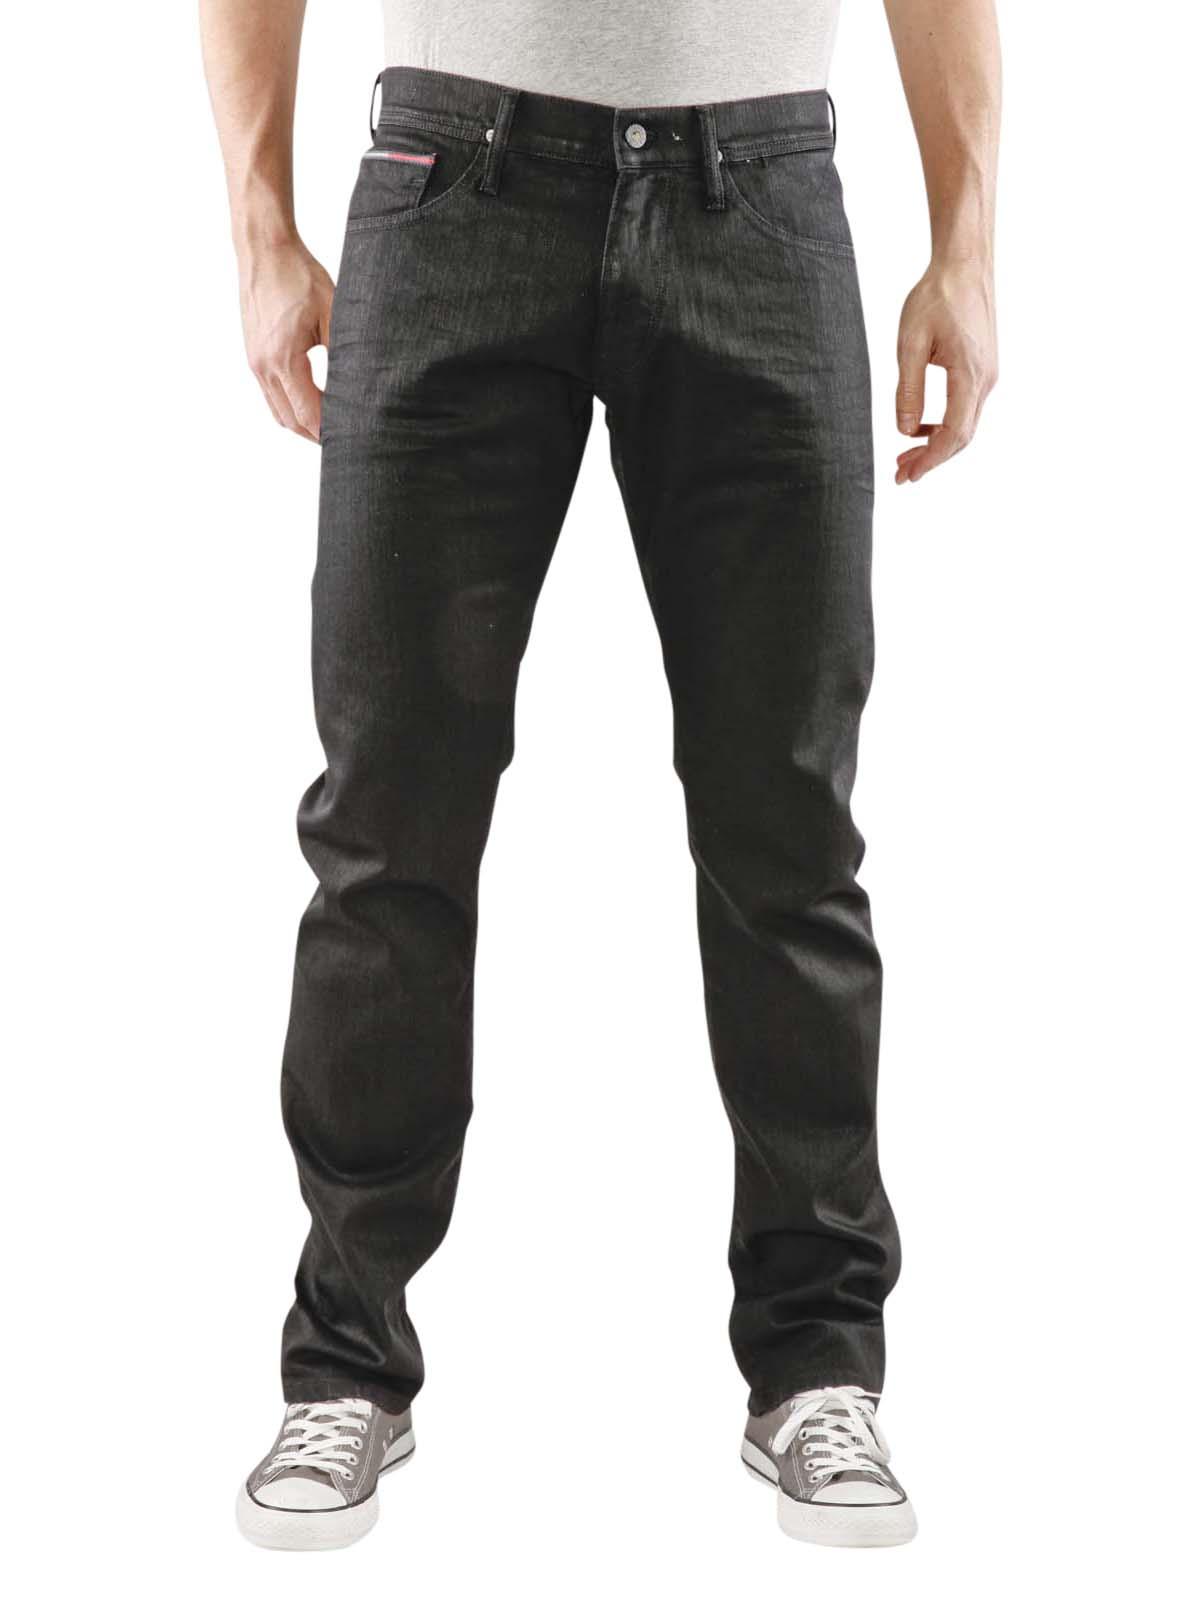 hilfiger denim ryan jeans chicago coated hilfiger denim herren jeans. Black Bedroom Furniture Sets. Home Design Ideas